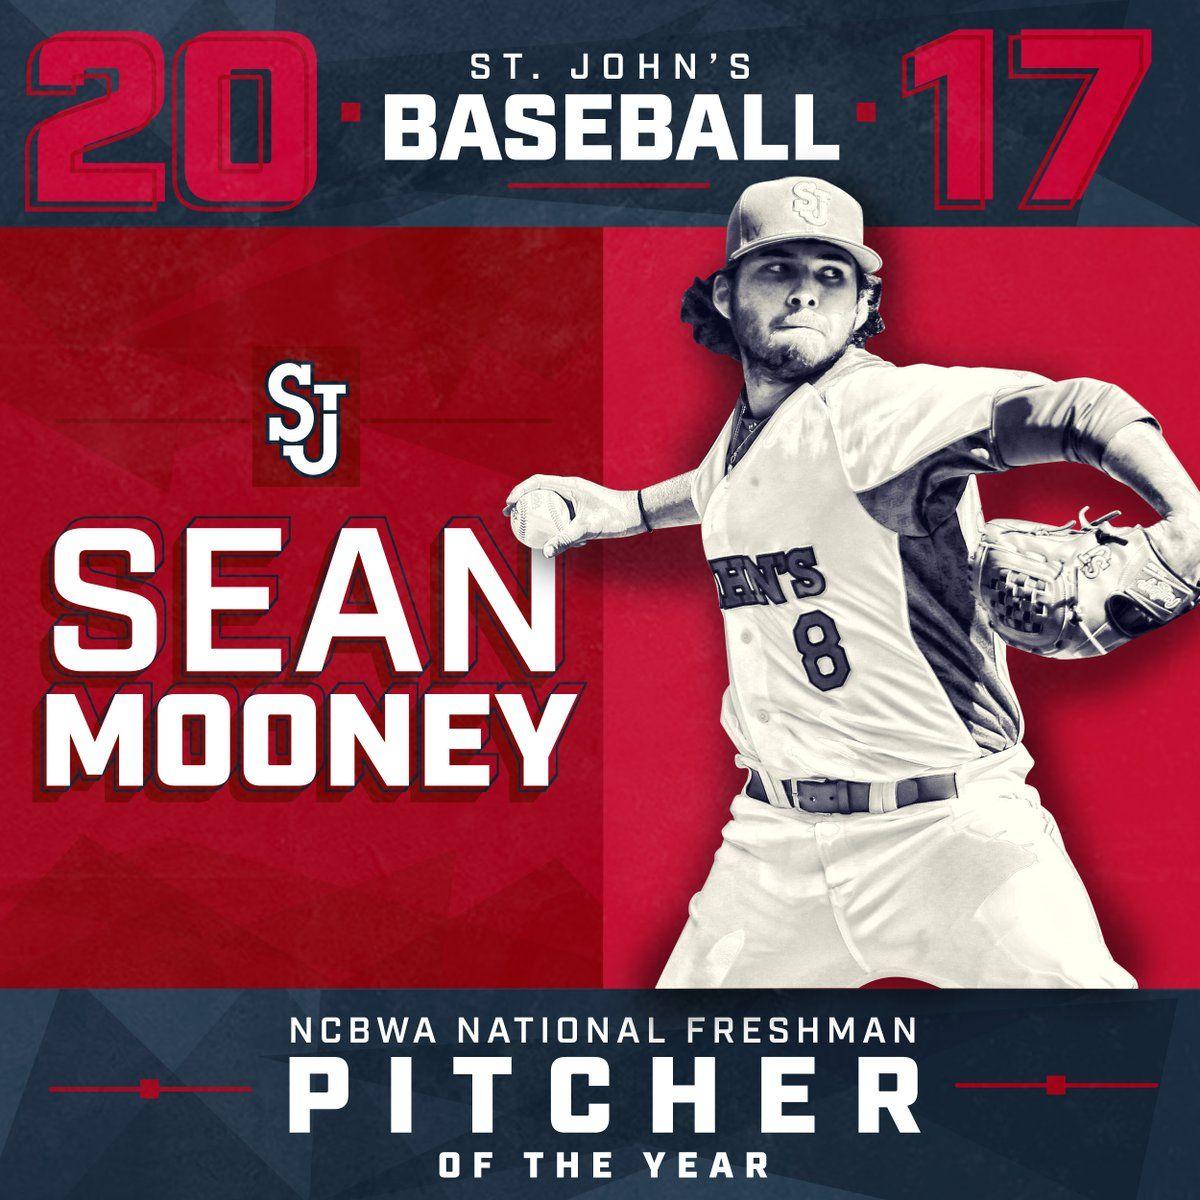 St. Johns College baseball, Aesthetic design, Innovation